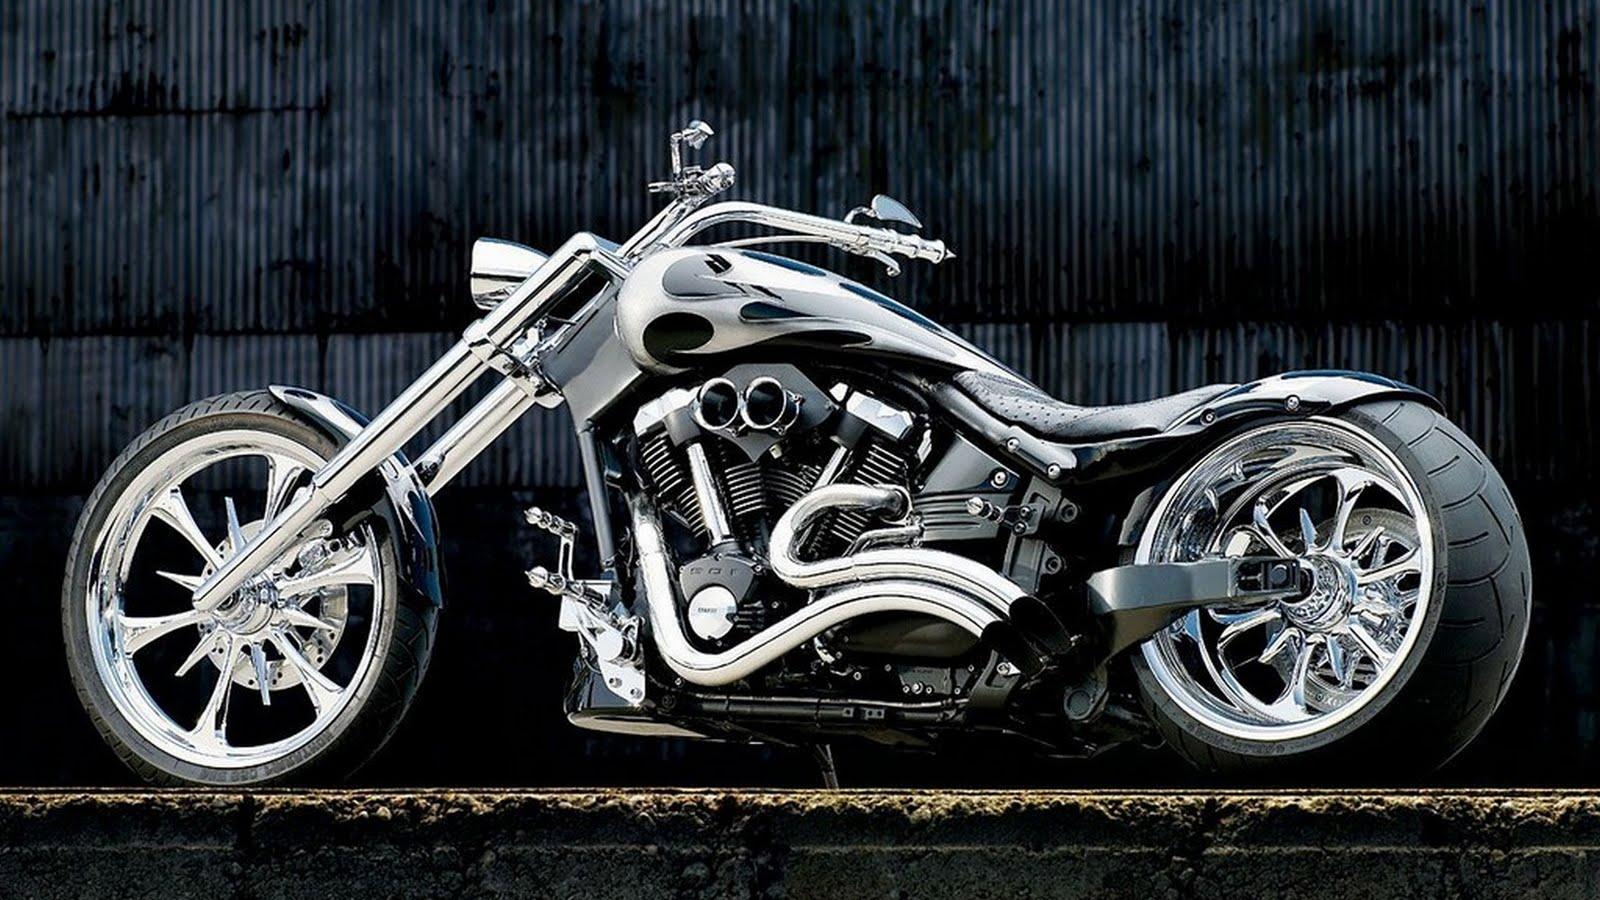 Motorbike Wallpaper HD  WallpaperSafari